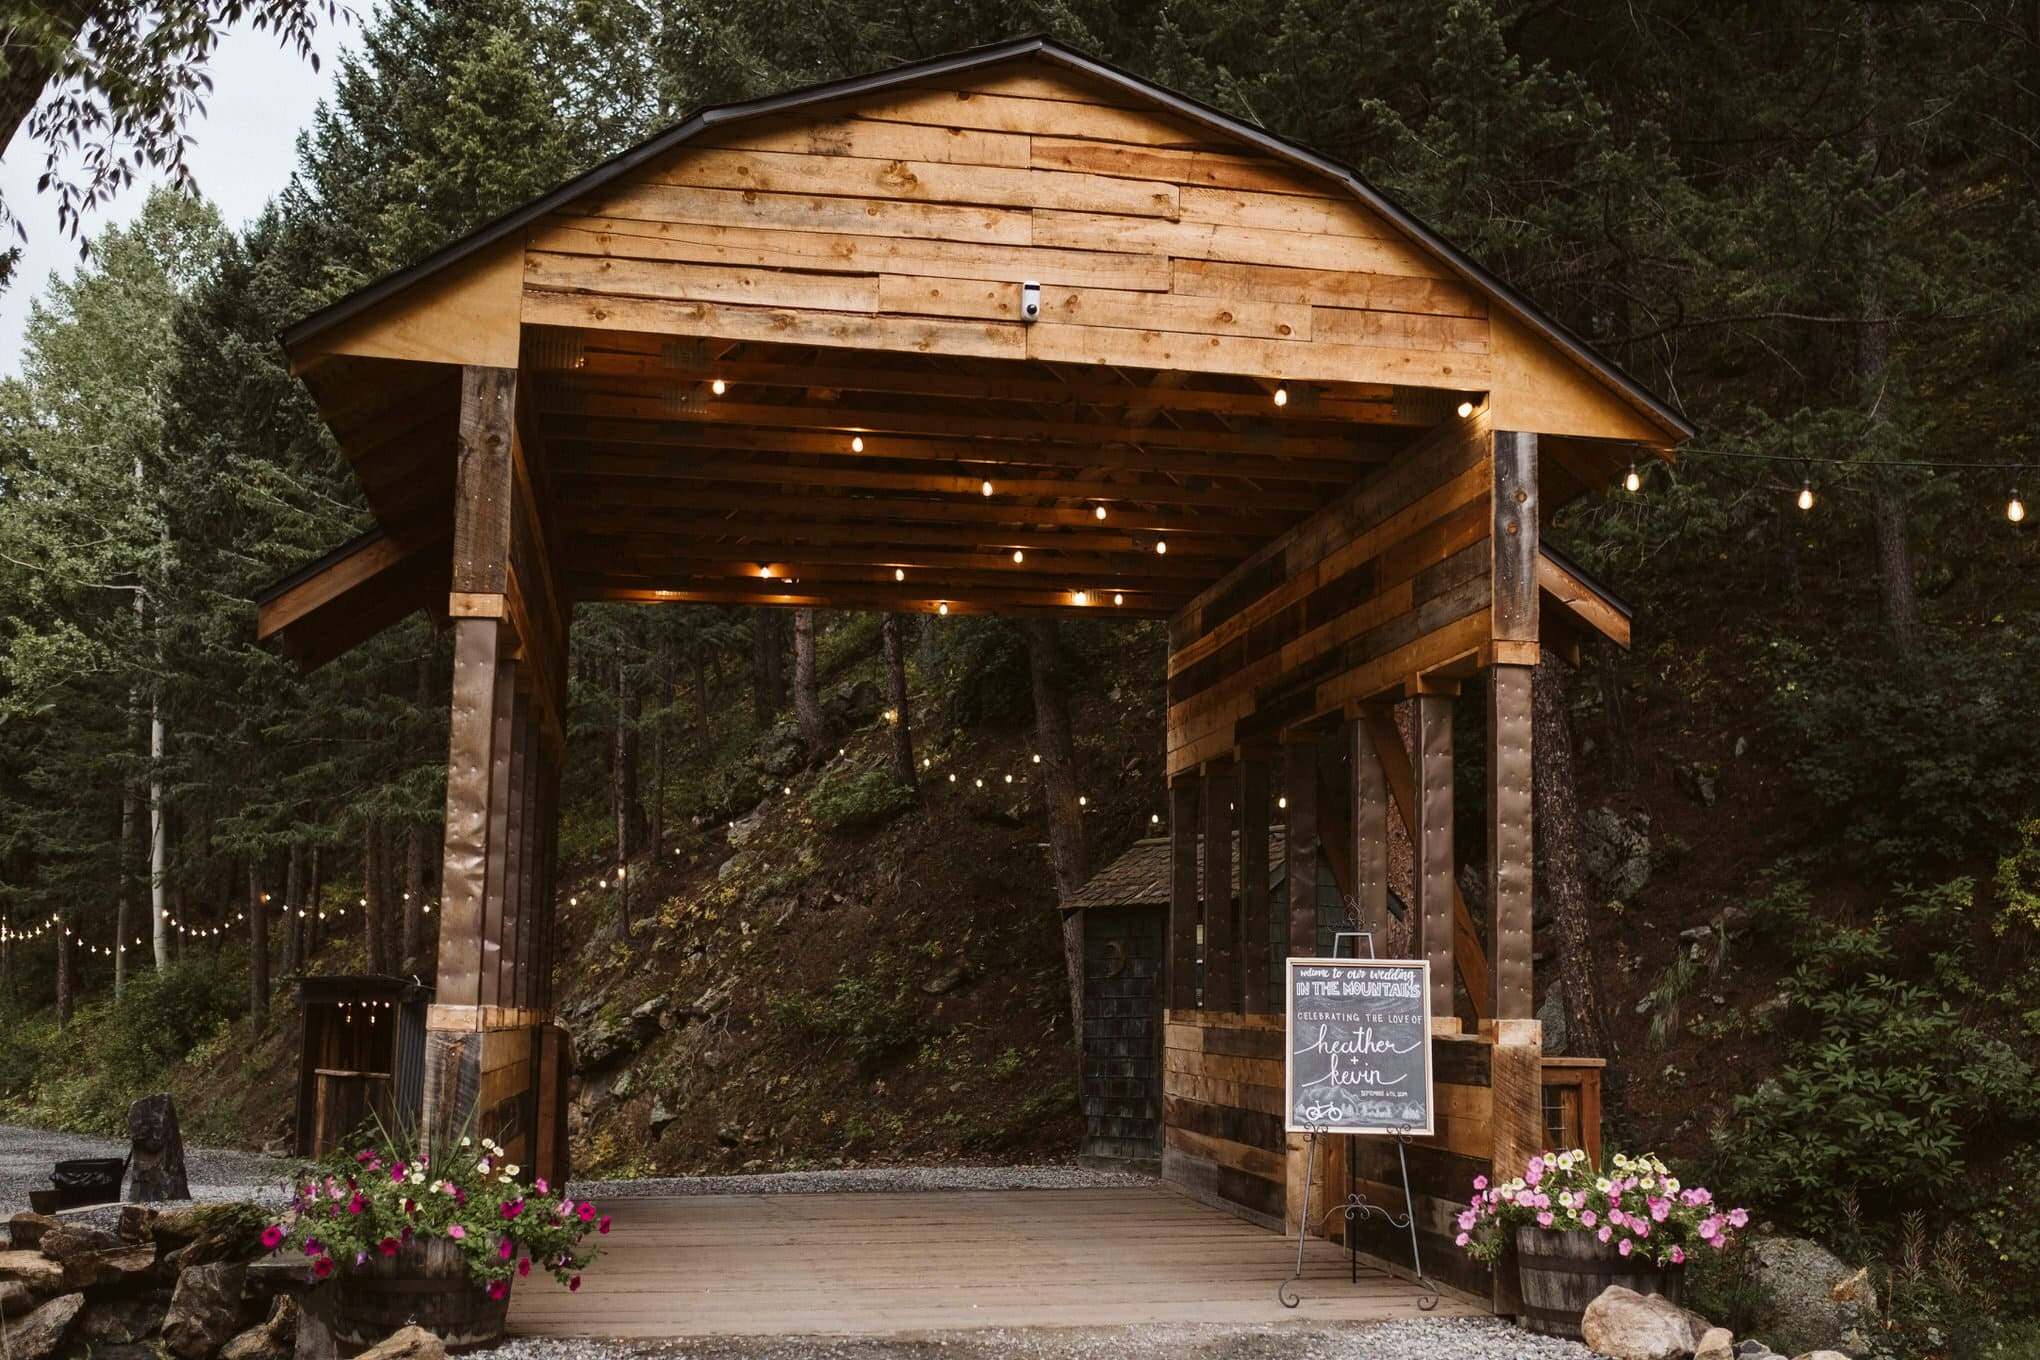 Blackstone Rivers Ranch wedding venue in Idaho Springs